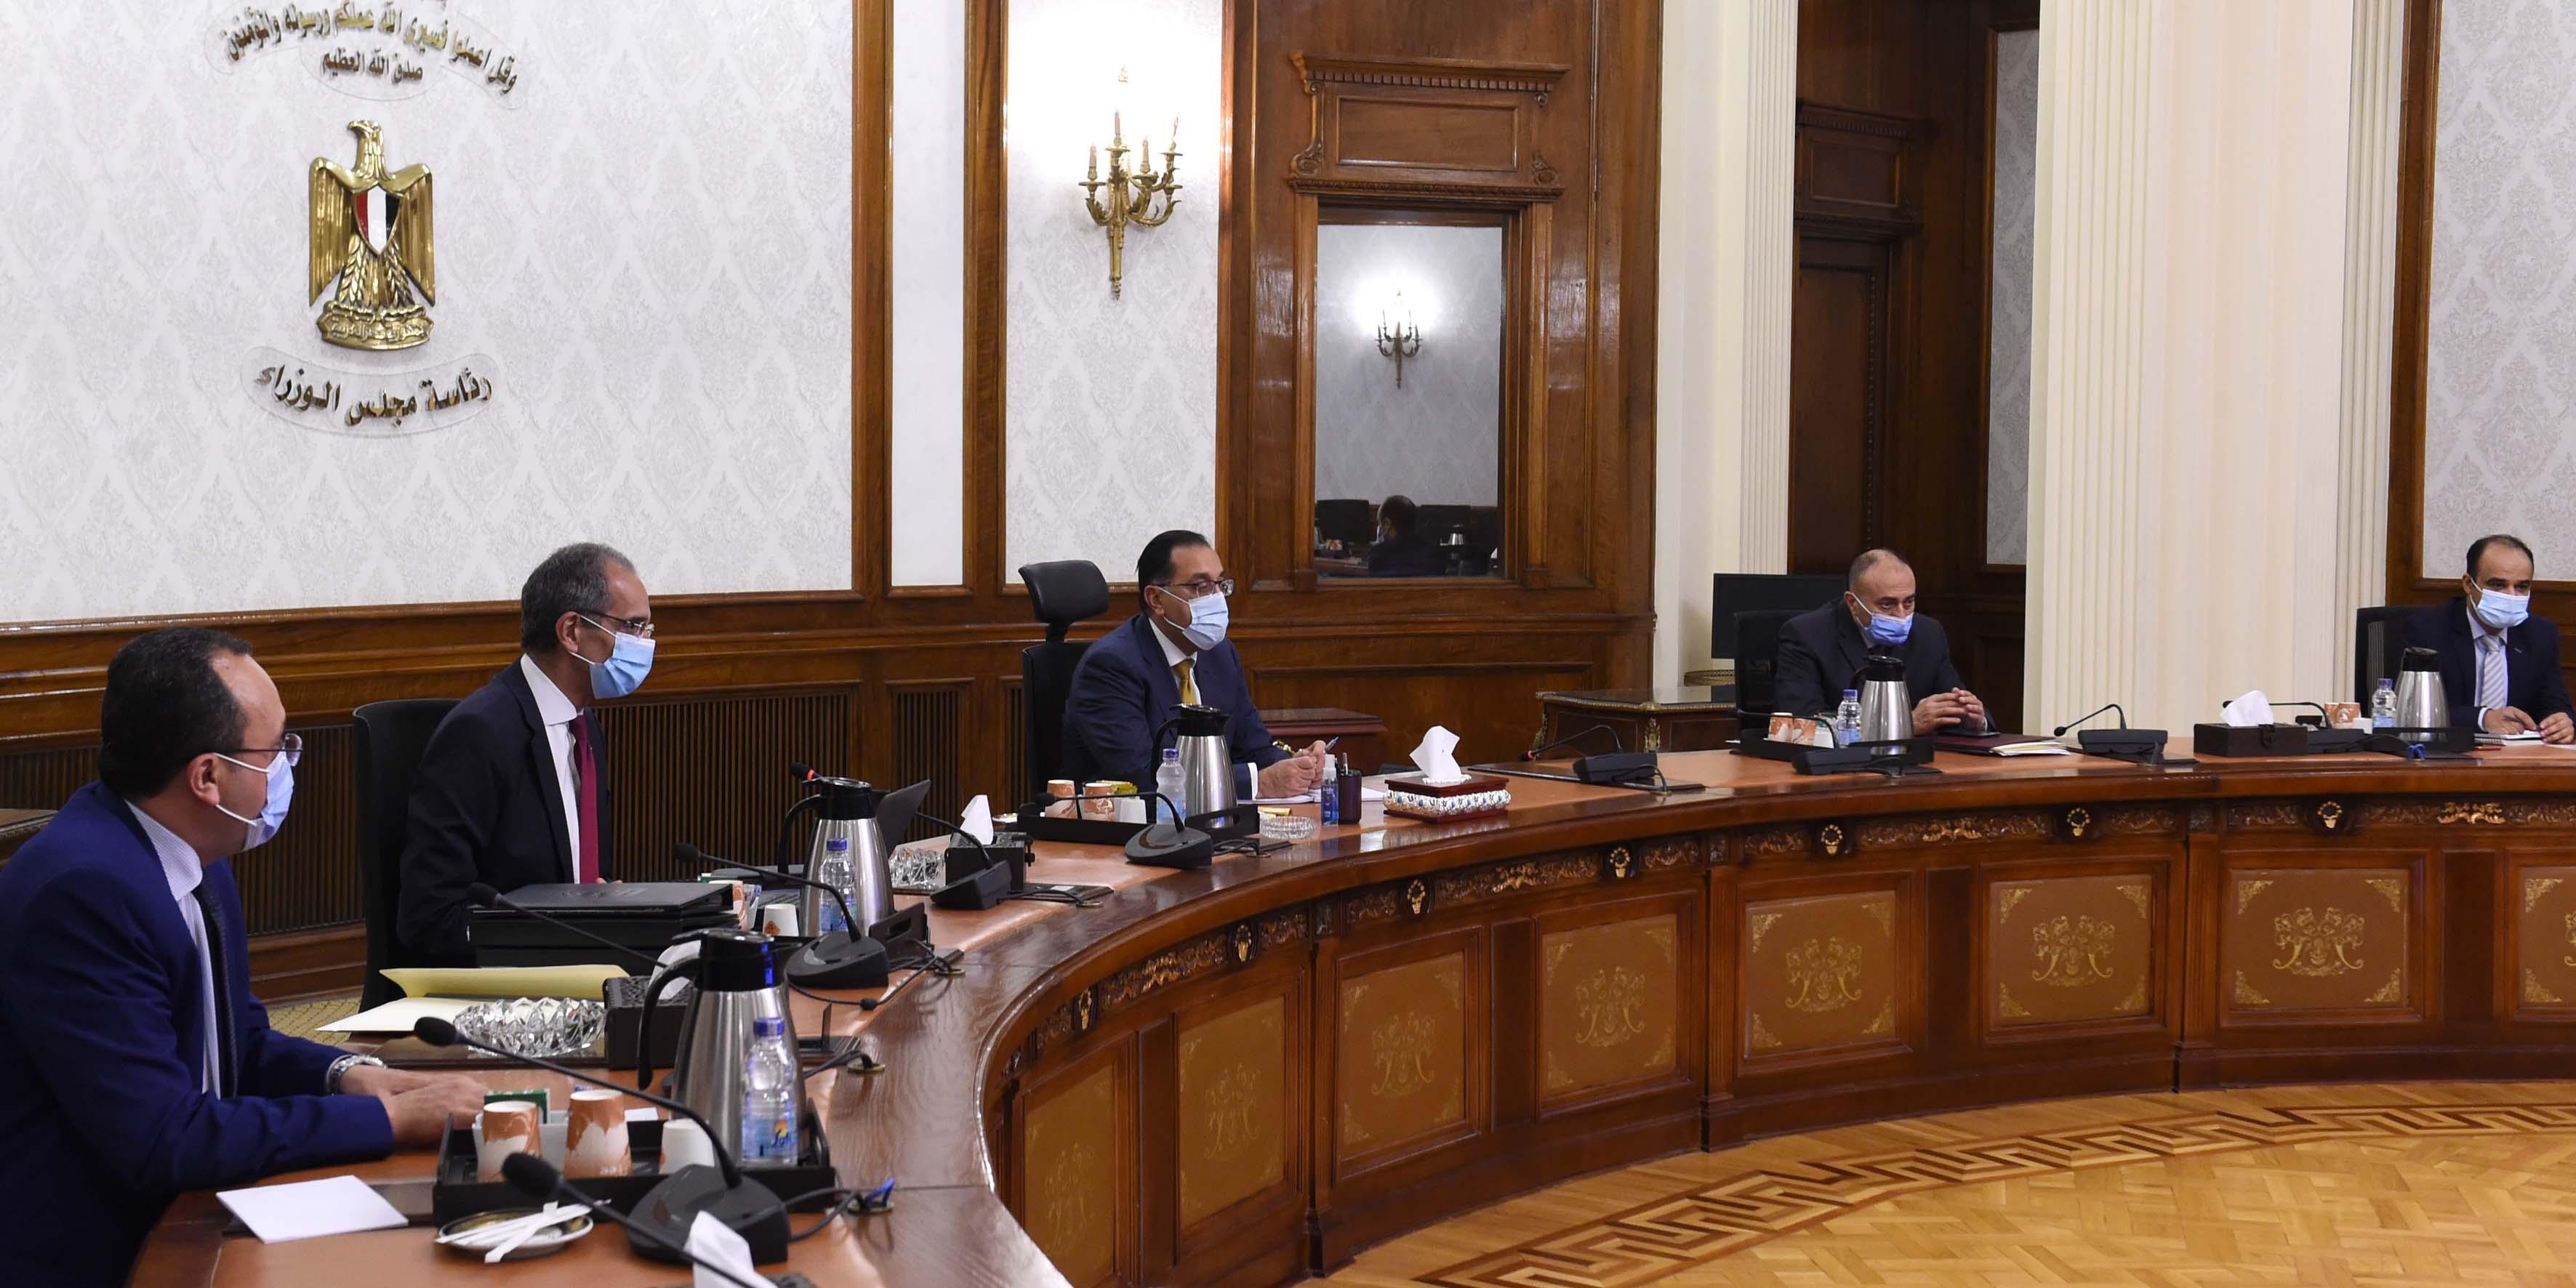 رئيس الوزراء يلتقي وزير الاتصالات لمتابعة مشروعات الوزارة  (1)